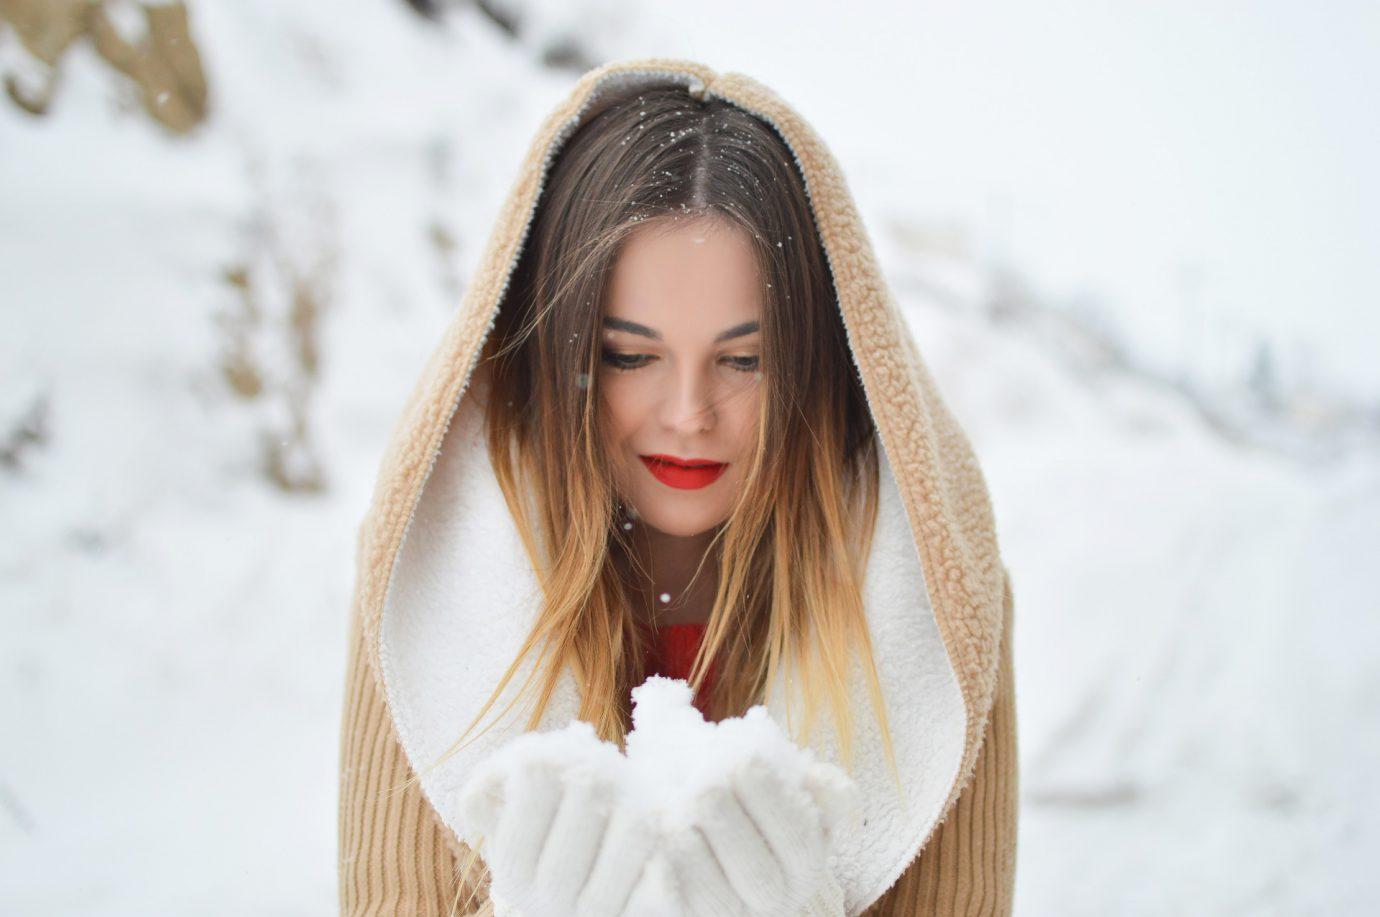 El cuidado de la piel durante el invierno